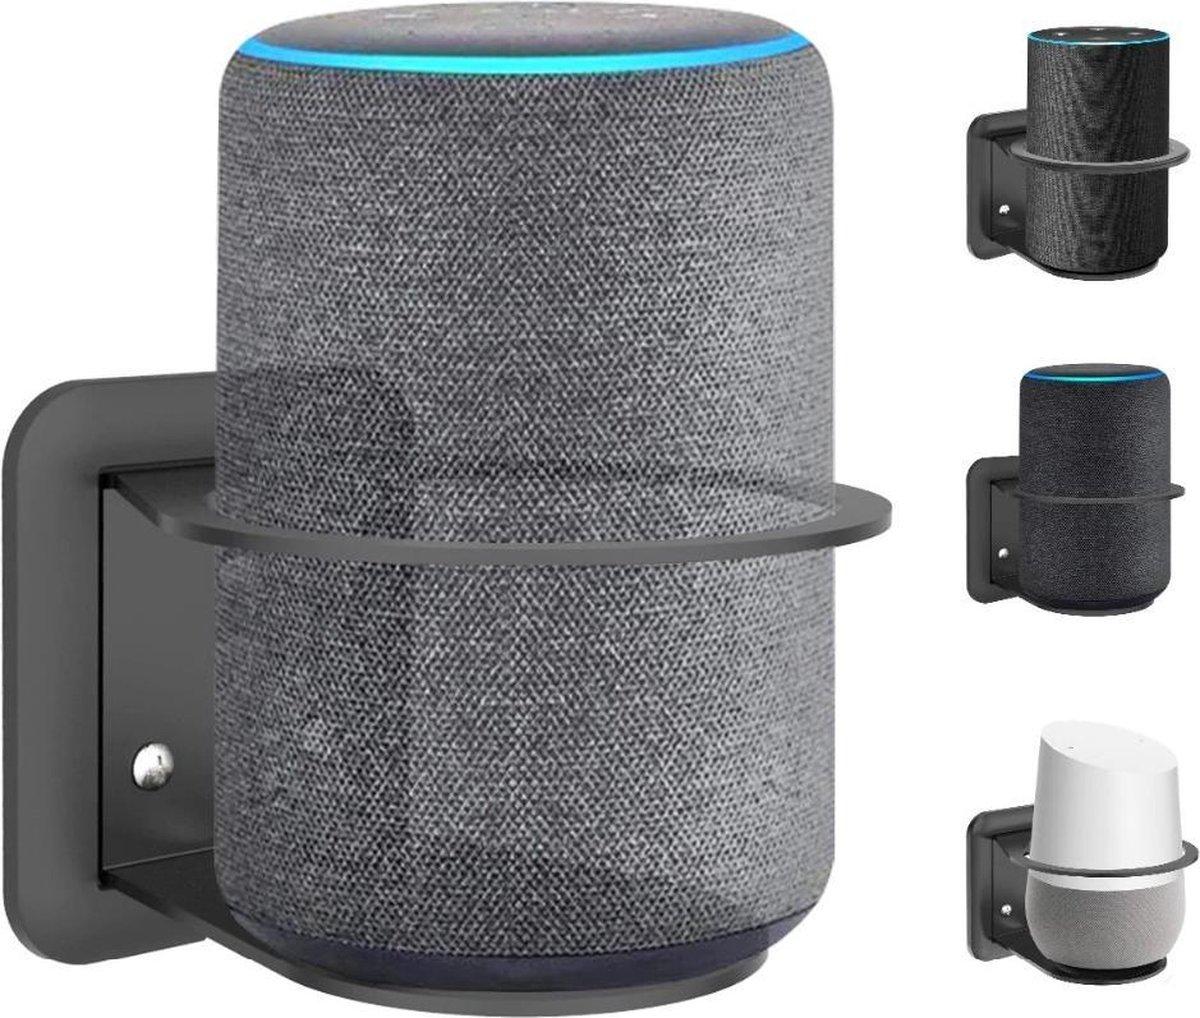 Wand Houder Case Mount Voor Google Nest Home / Amazon Echo 2 Plus Wifi Smart Speaker - Zwart